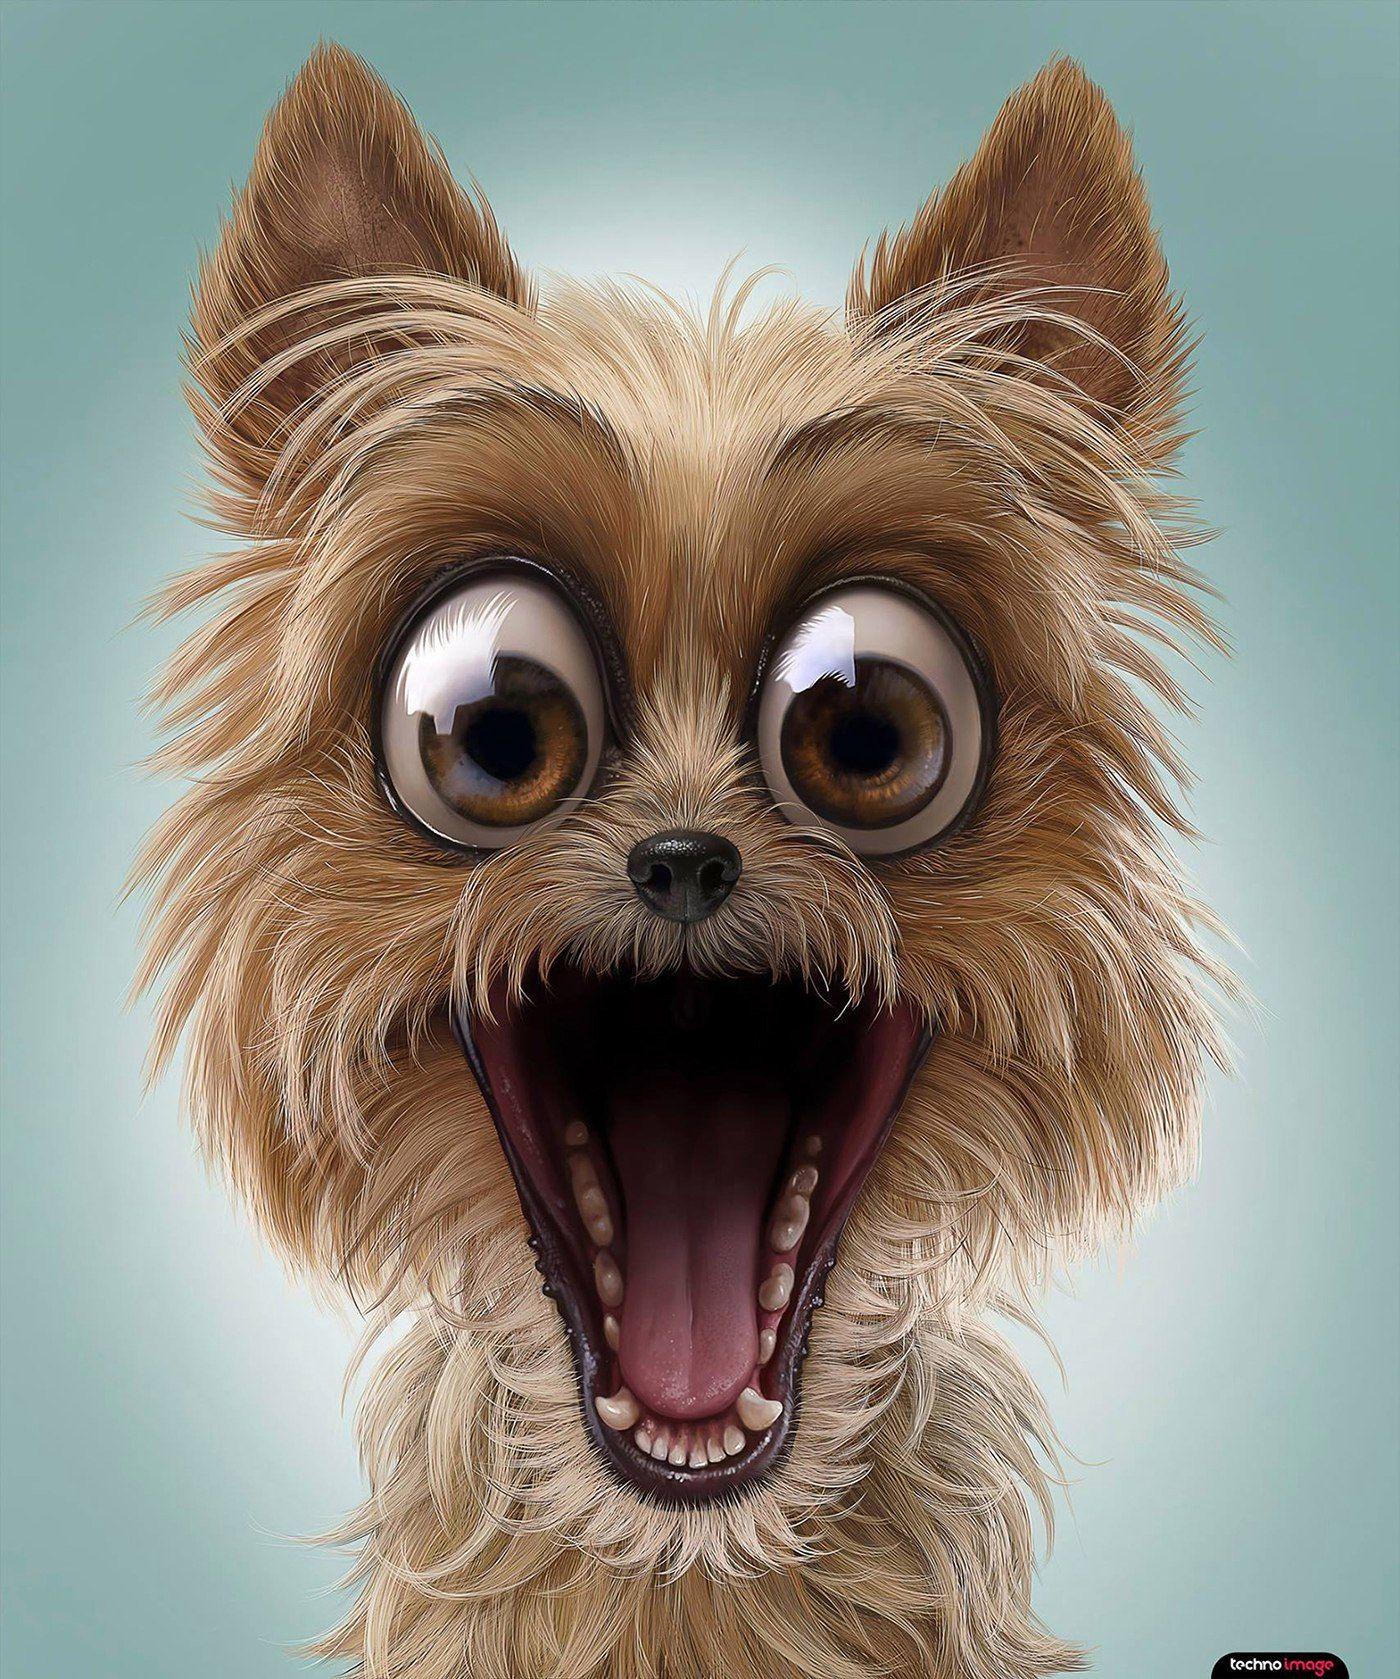 картинка морда собаки с открытым ртом если она ещё